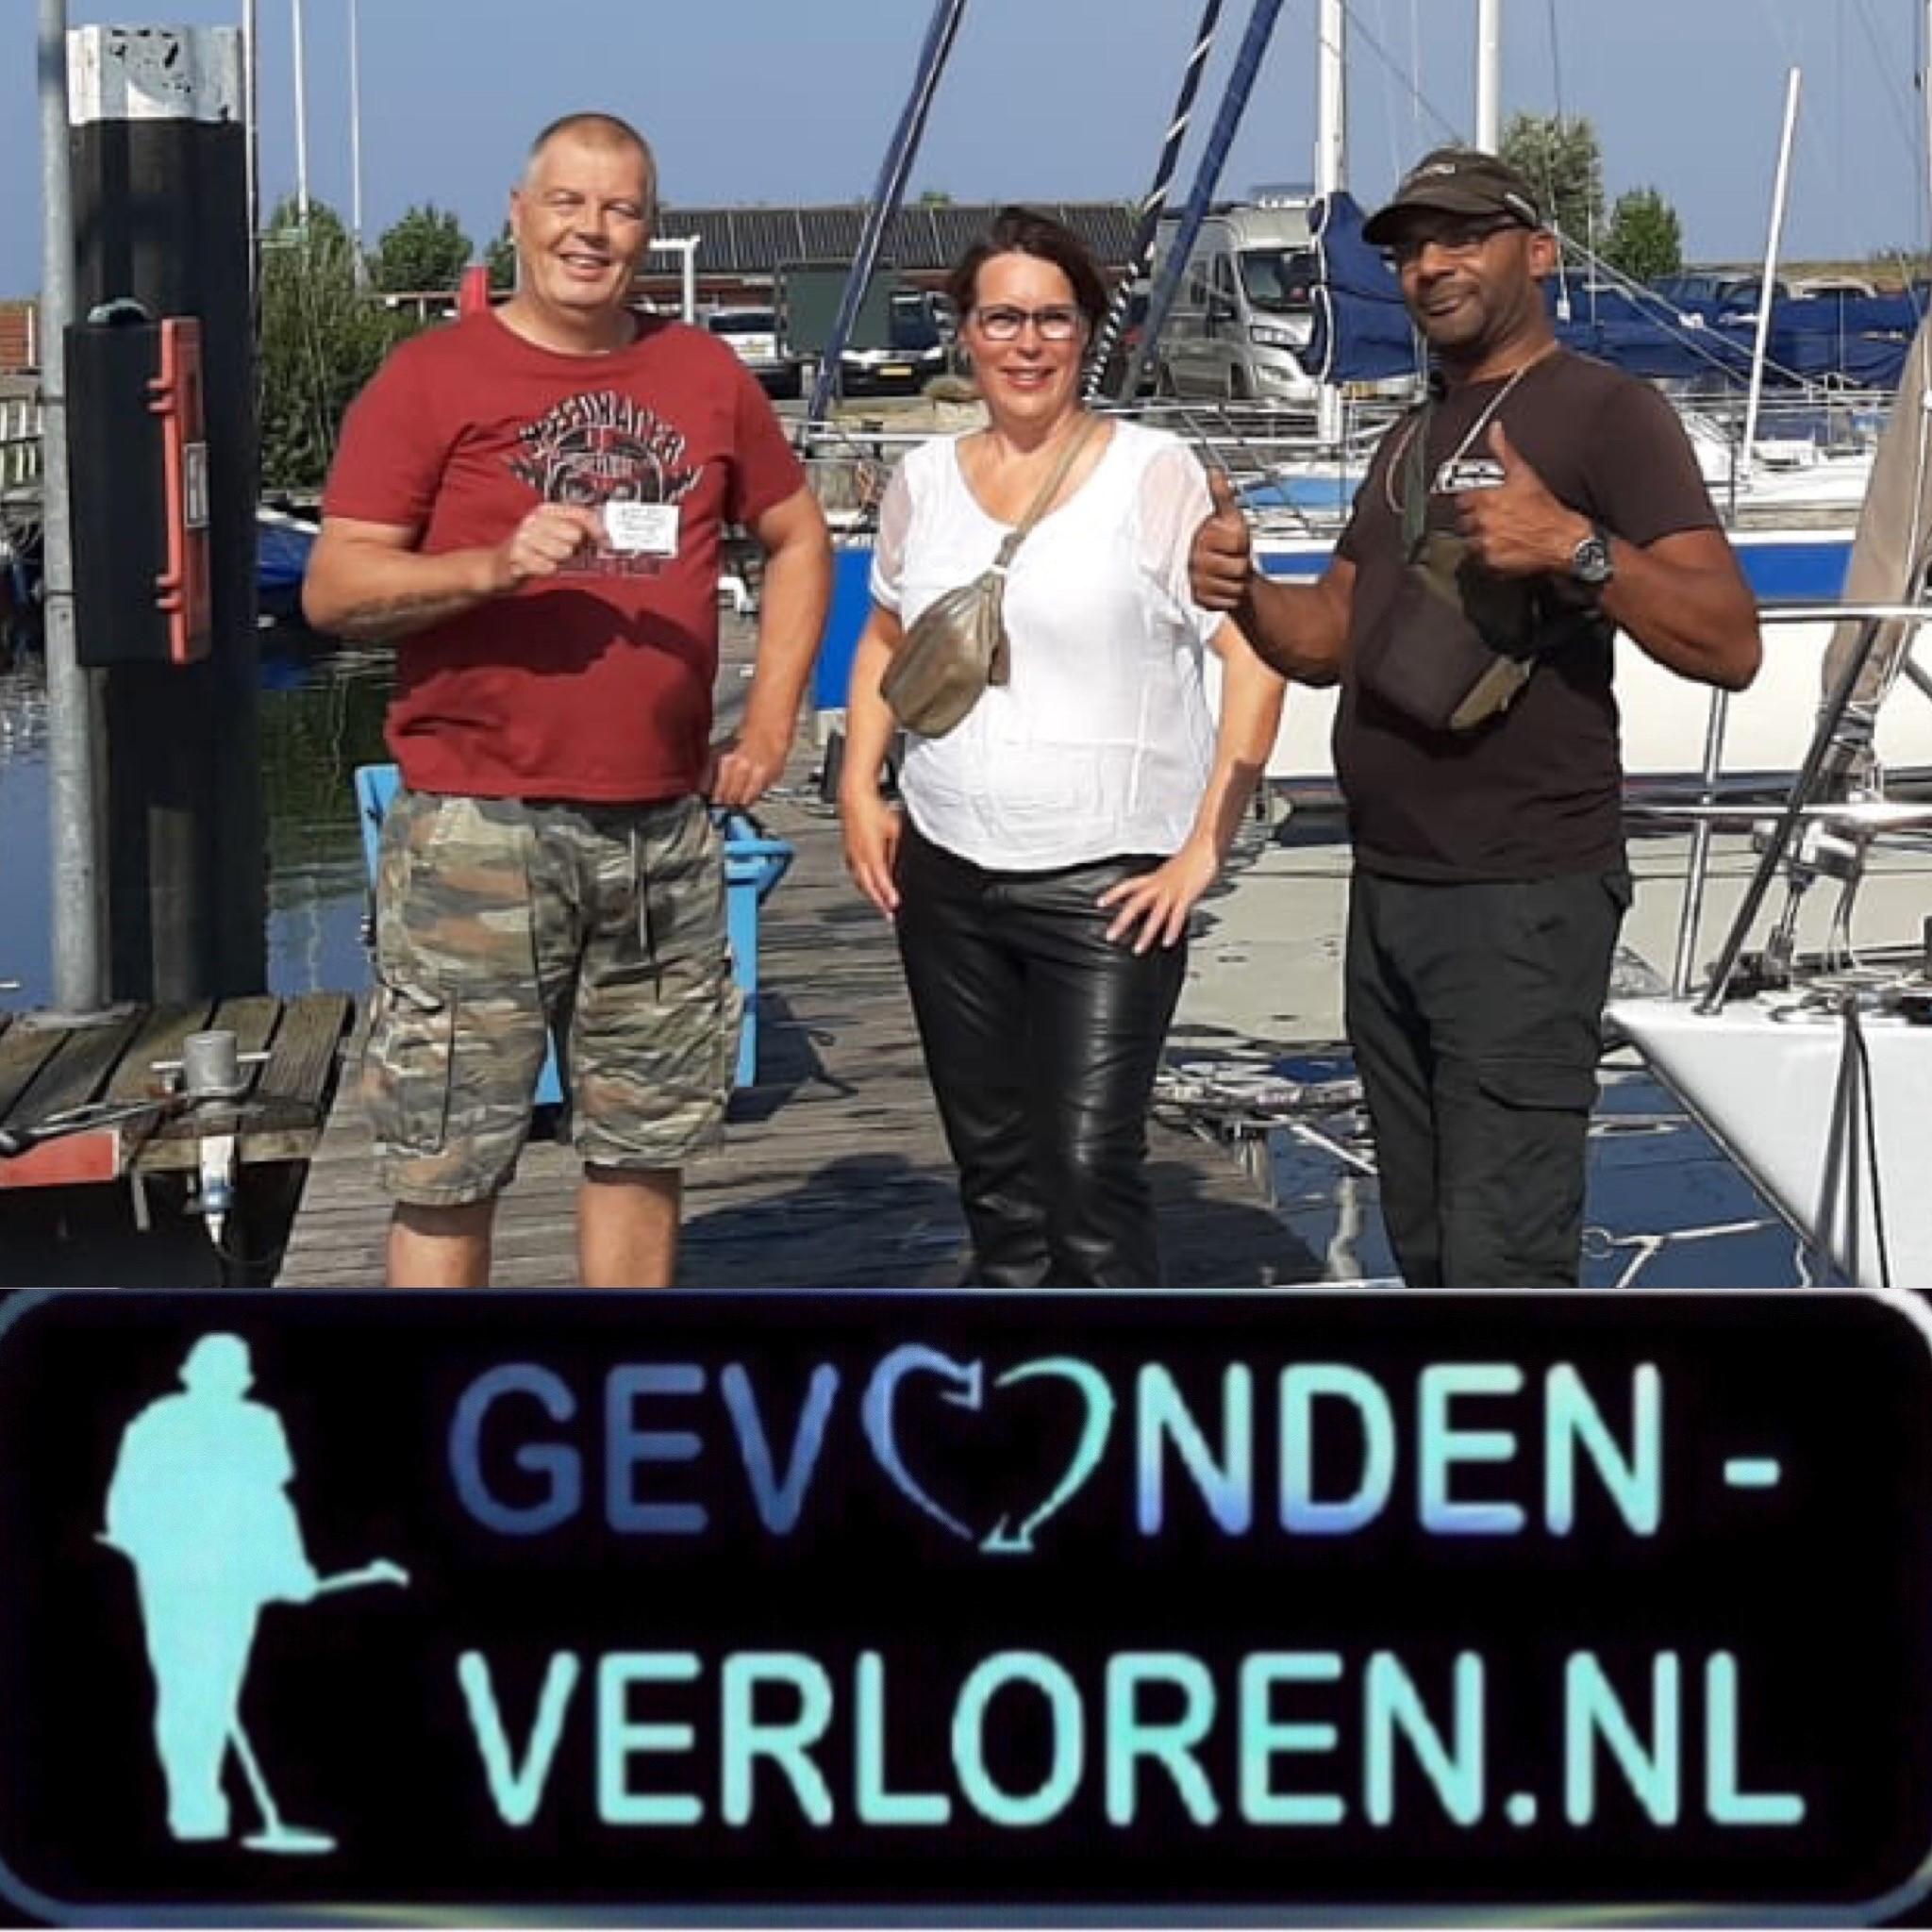 Bril in de haven? Gevonden-verloren.nl. Wij kunnen helpen